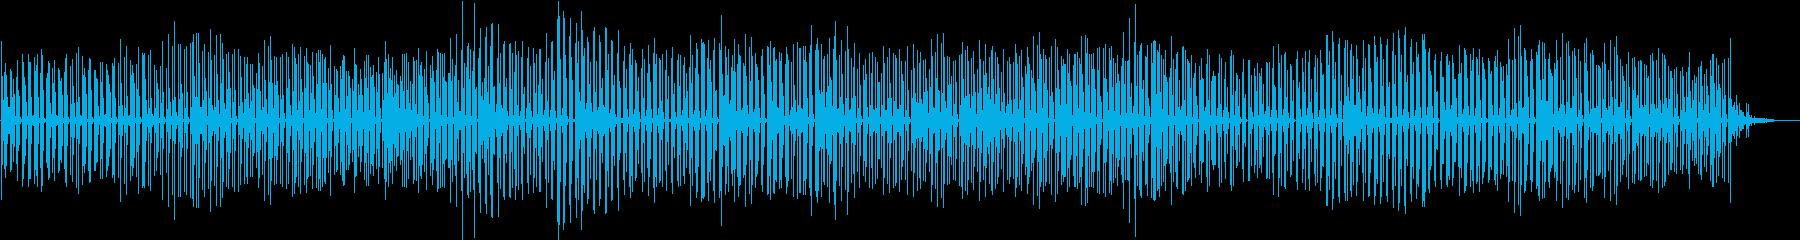 無機質な瞑想音楽。の再生済みの波形